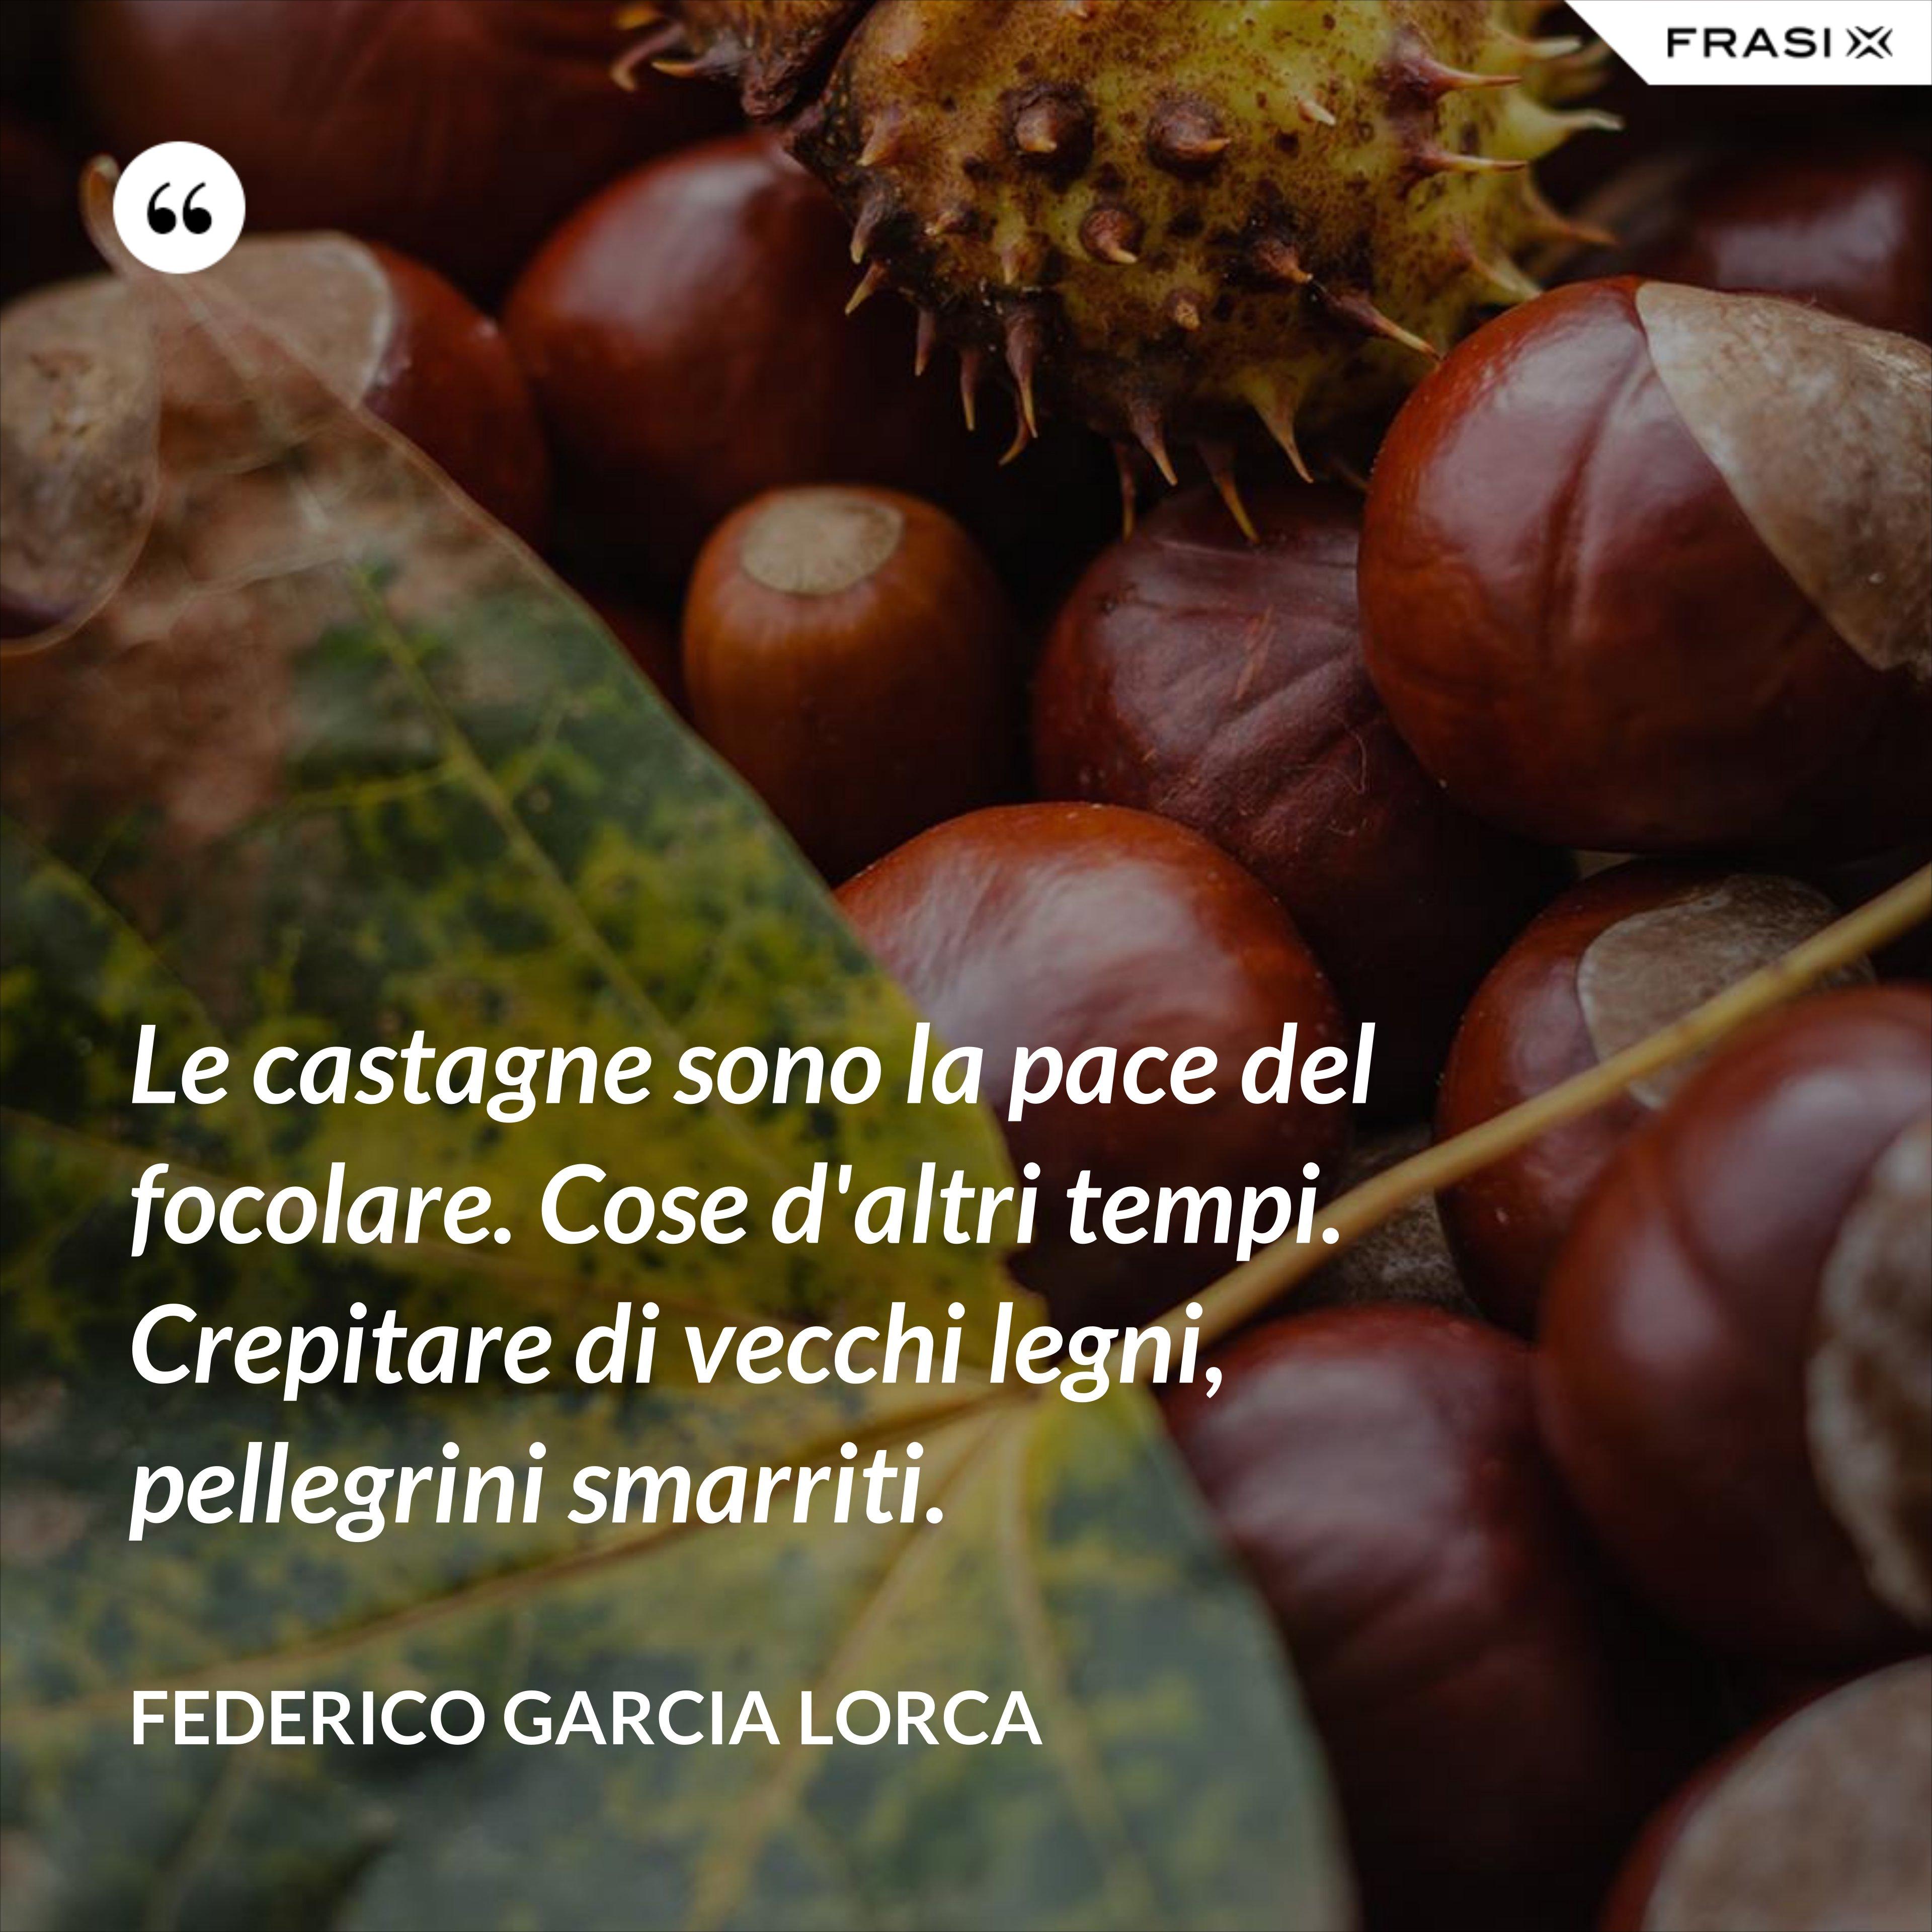 Le castagne sono la pace del focolare. Cose d'altri tempi. Crepitare di vecchi legni, pellegrini smarriti. - Federico Garcia Lorca